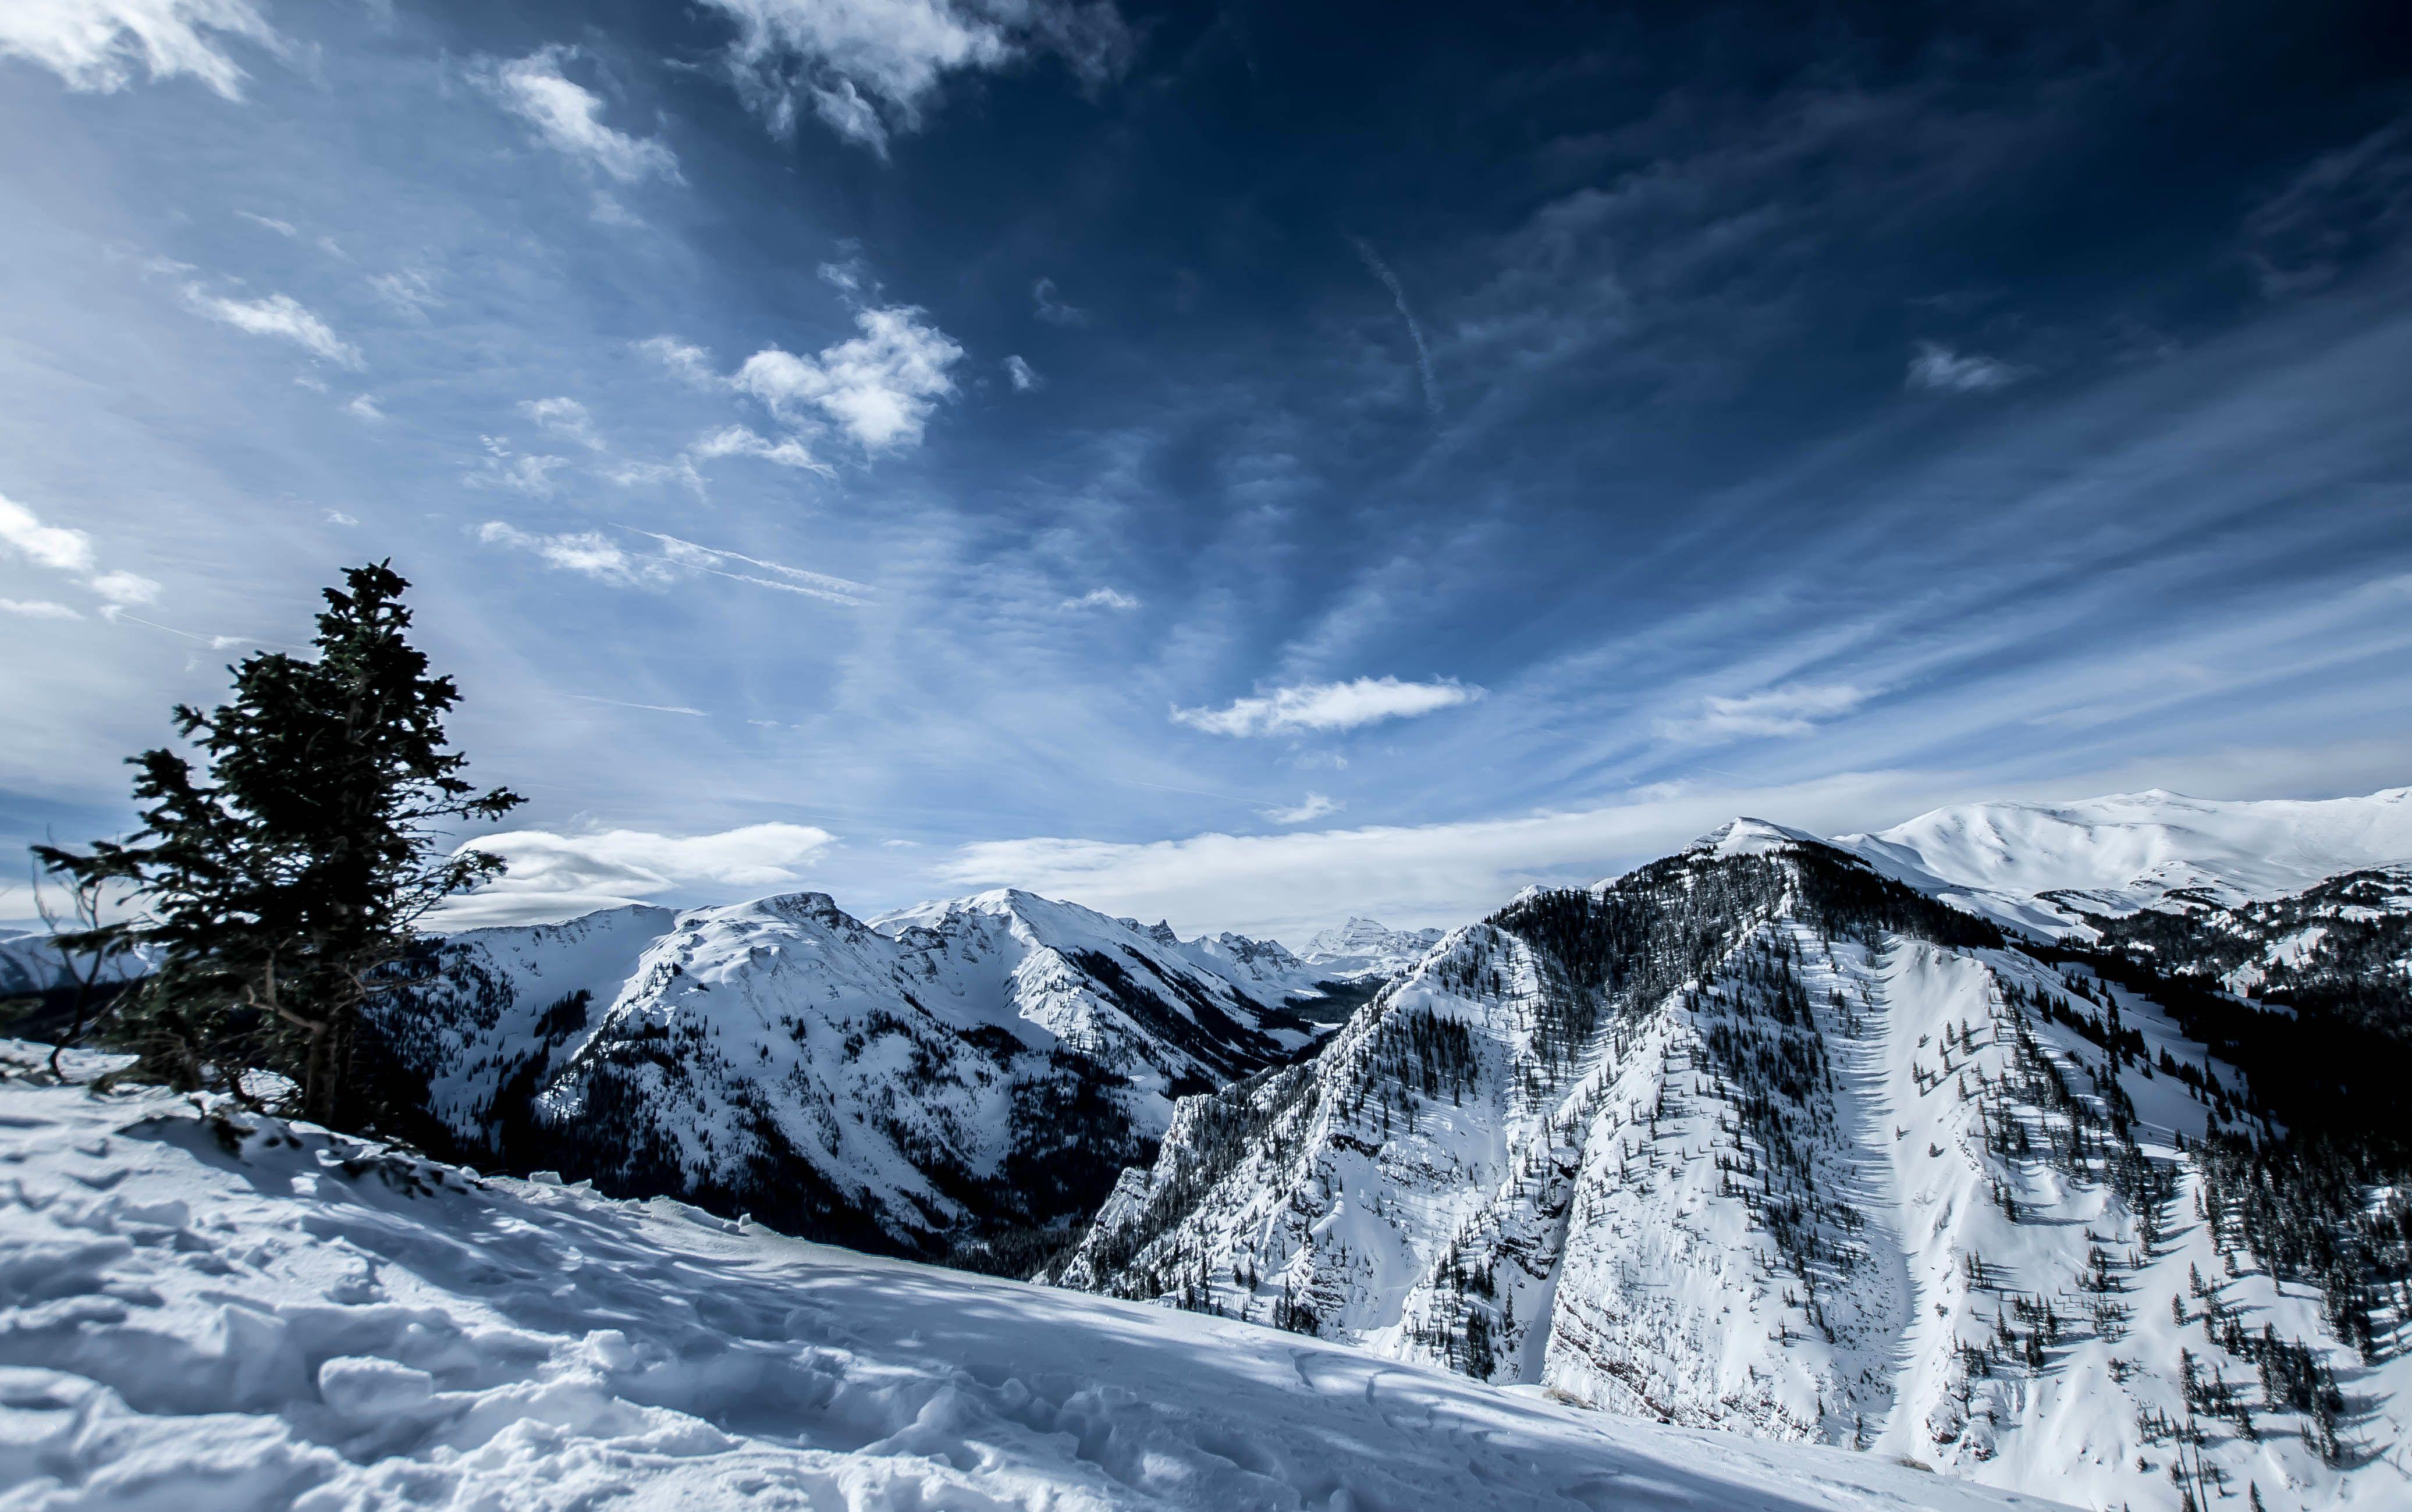 Winter In The Rockies Wallpaper Wallpapersafari